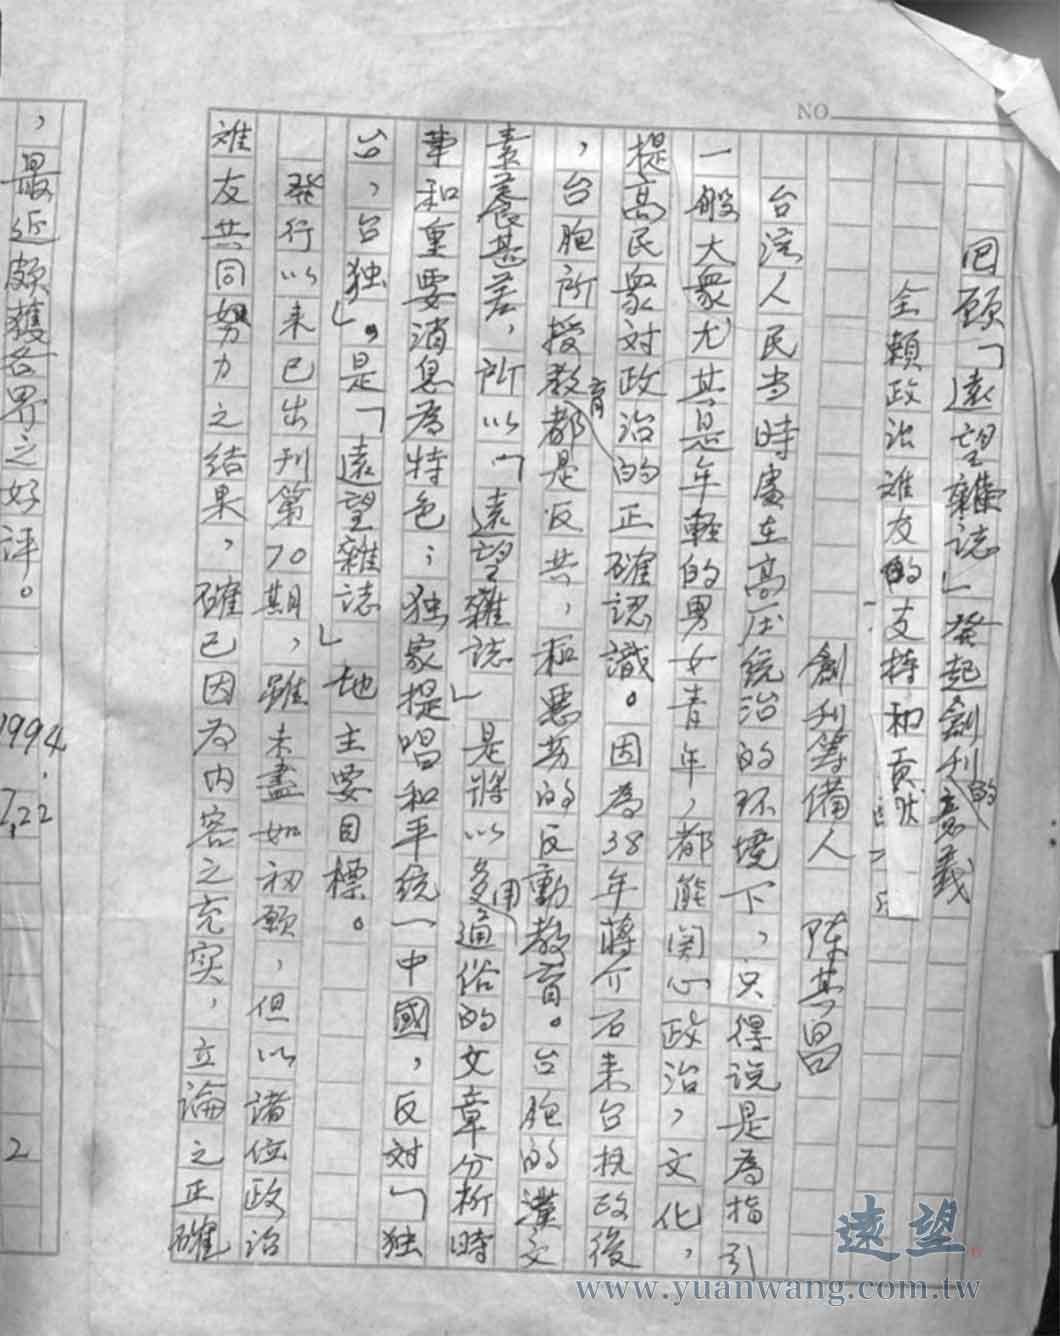 創刊籌備人陳其昌先生於1994年〈回顧《遠望》雜誌發起創刊的意義〉之手稿